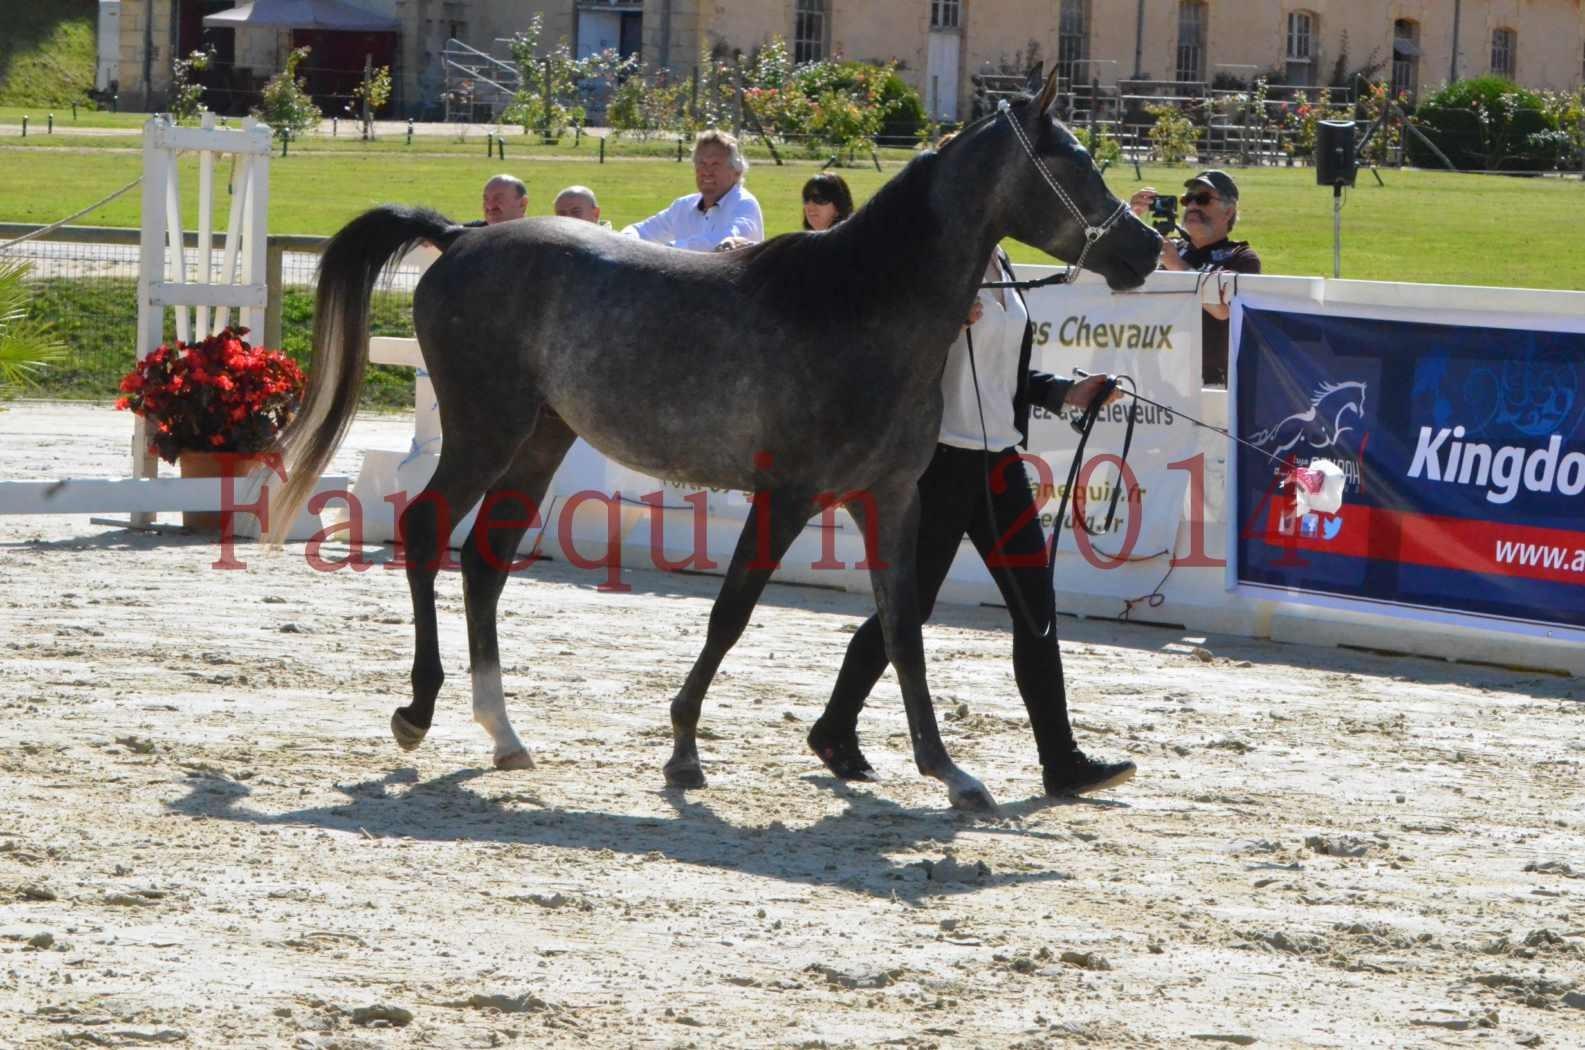 Championnat de FRANCE 2014 - Amateurs - CHTI KAID D'AUBIN - 28